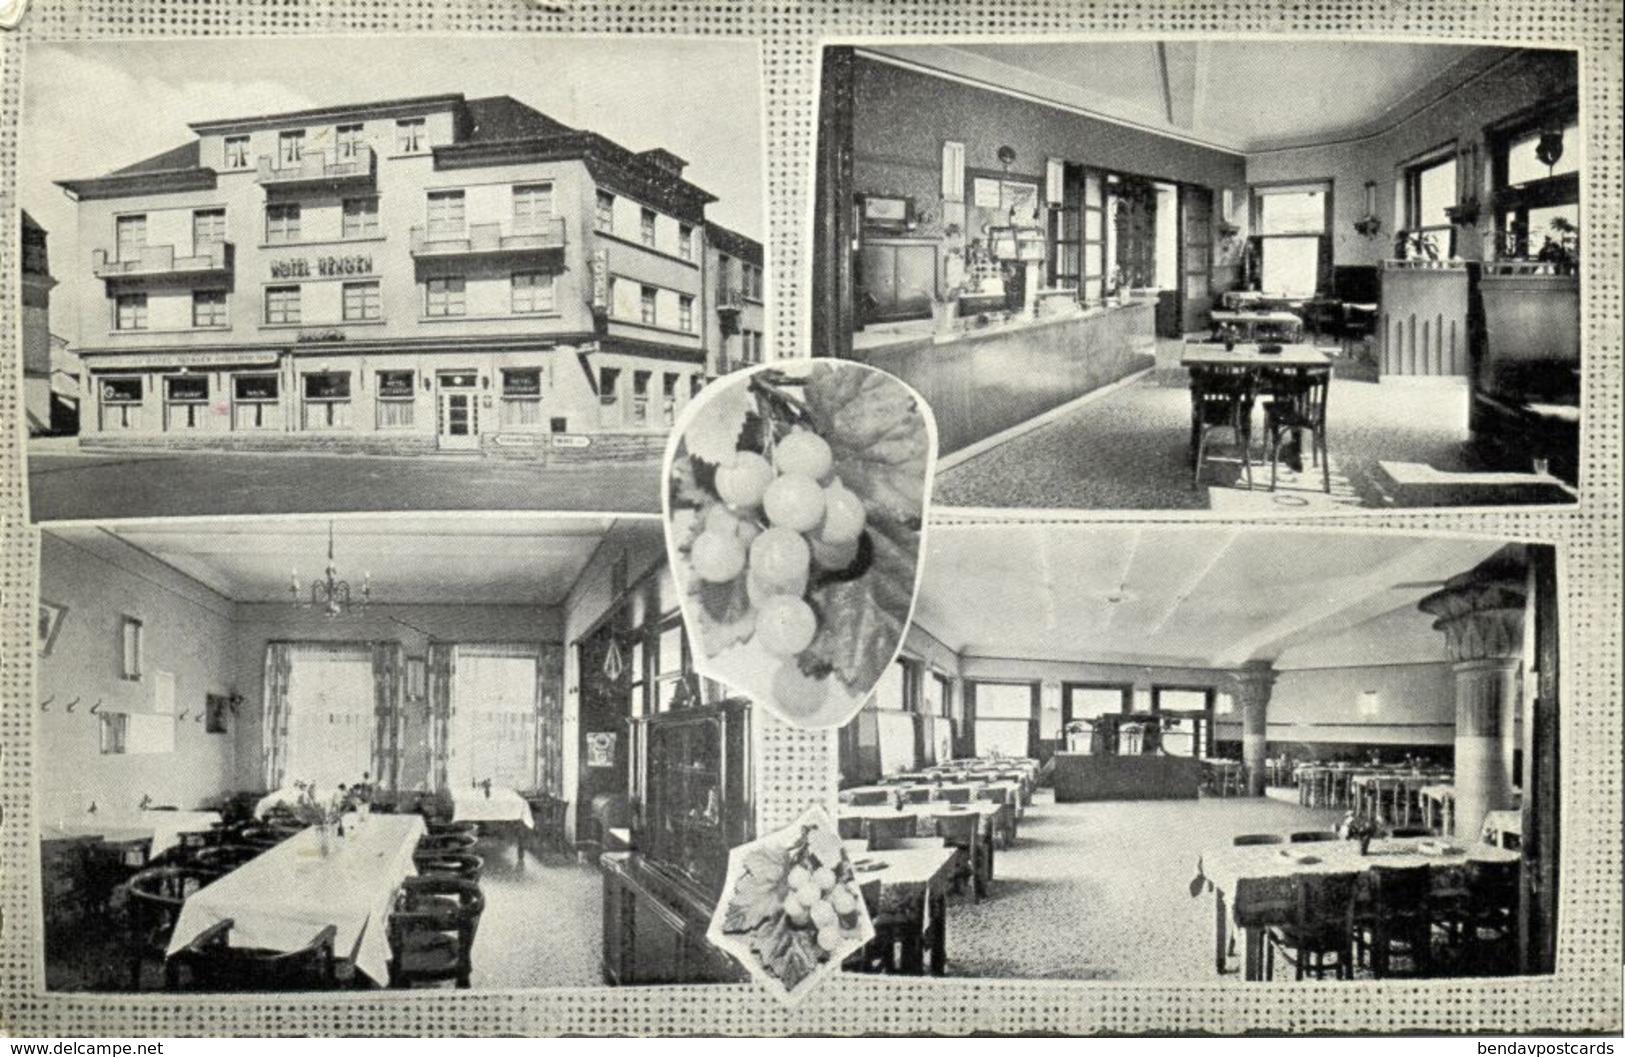 Luxemburg, WASSERBILLIG, Hotel-Restaurant Hengen, Interior (1960s) Postcard - Andere